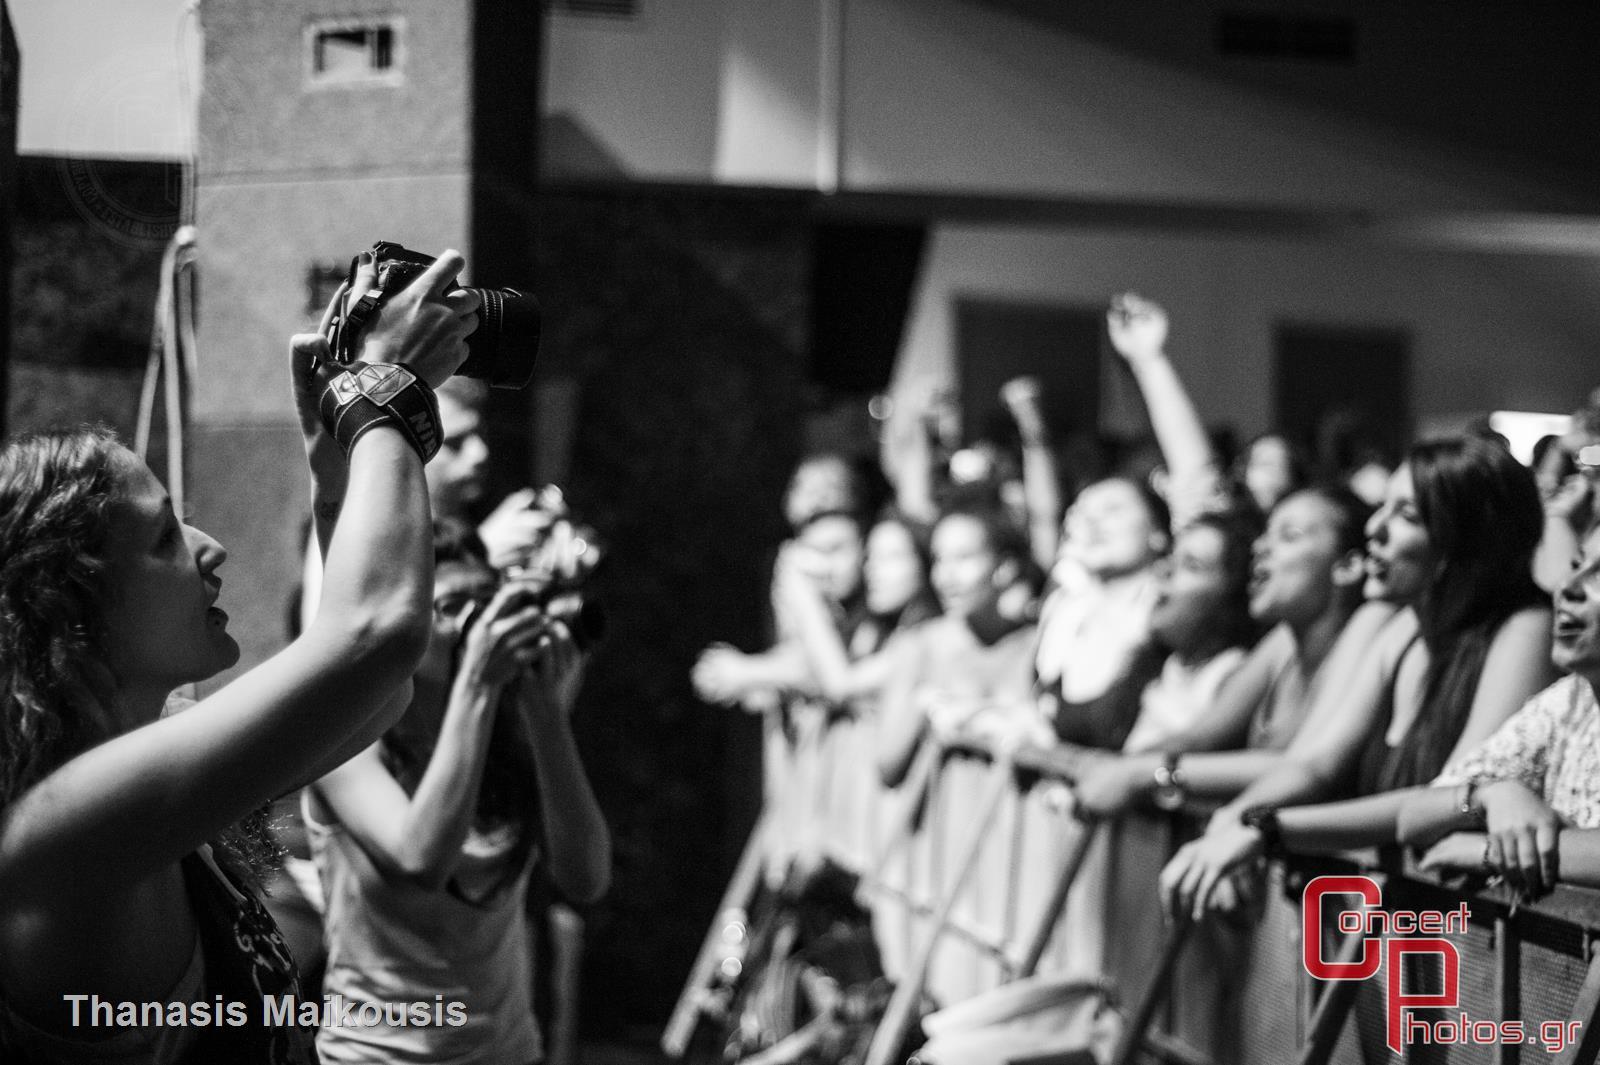 Παύλος Παυλίδης-Pavlidis-stage-volume1 photographer: Thanasis Maikousis - concertphotos_20140611_23_03_15